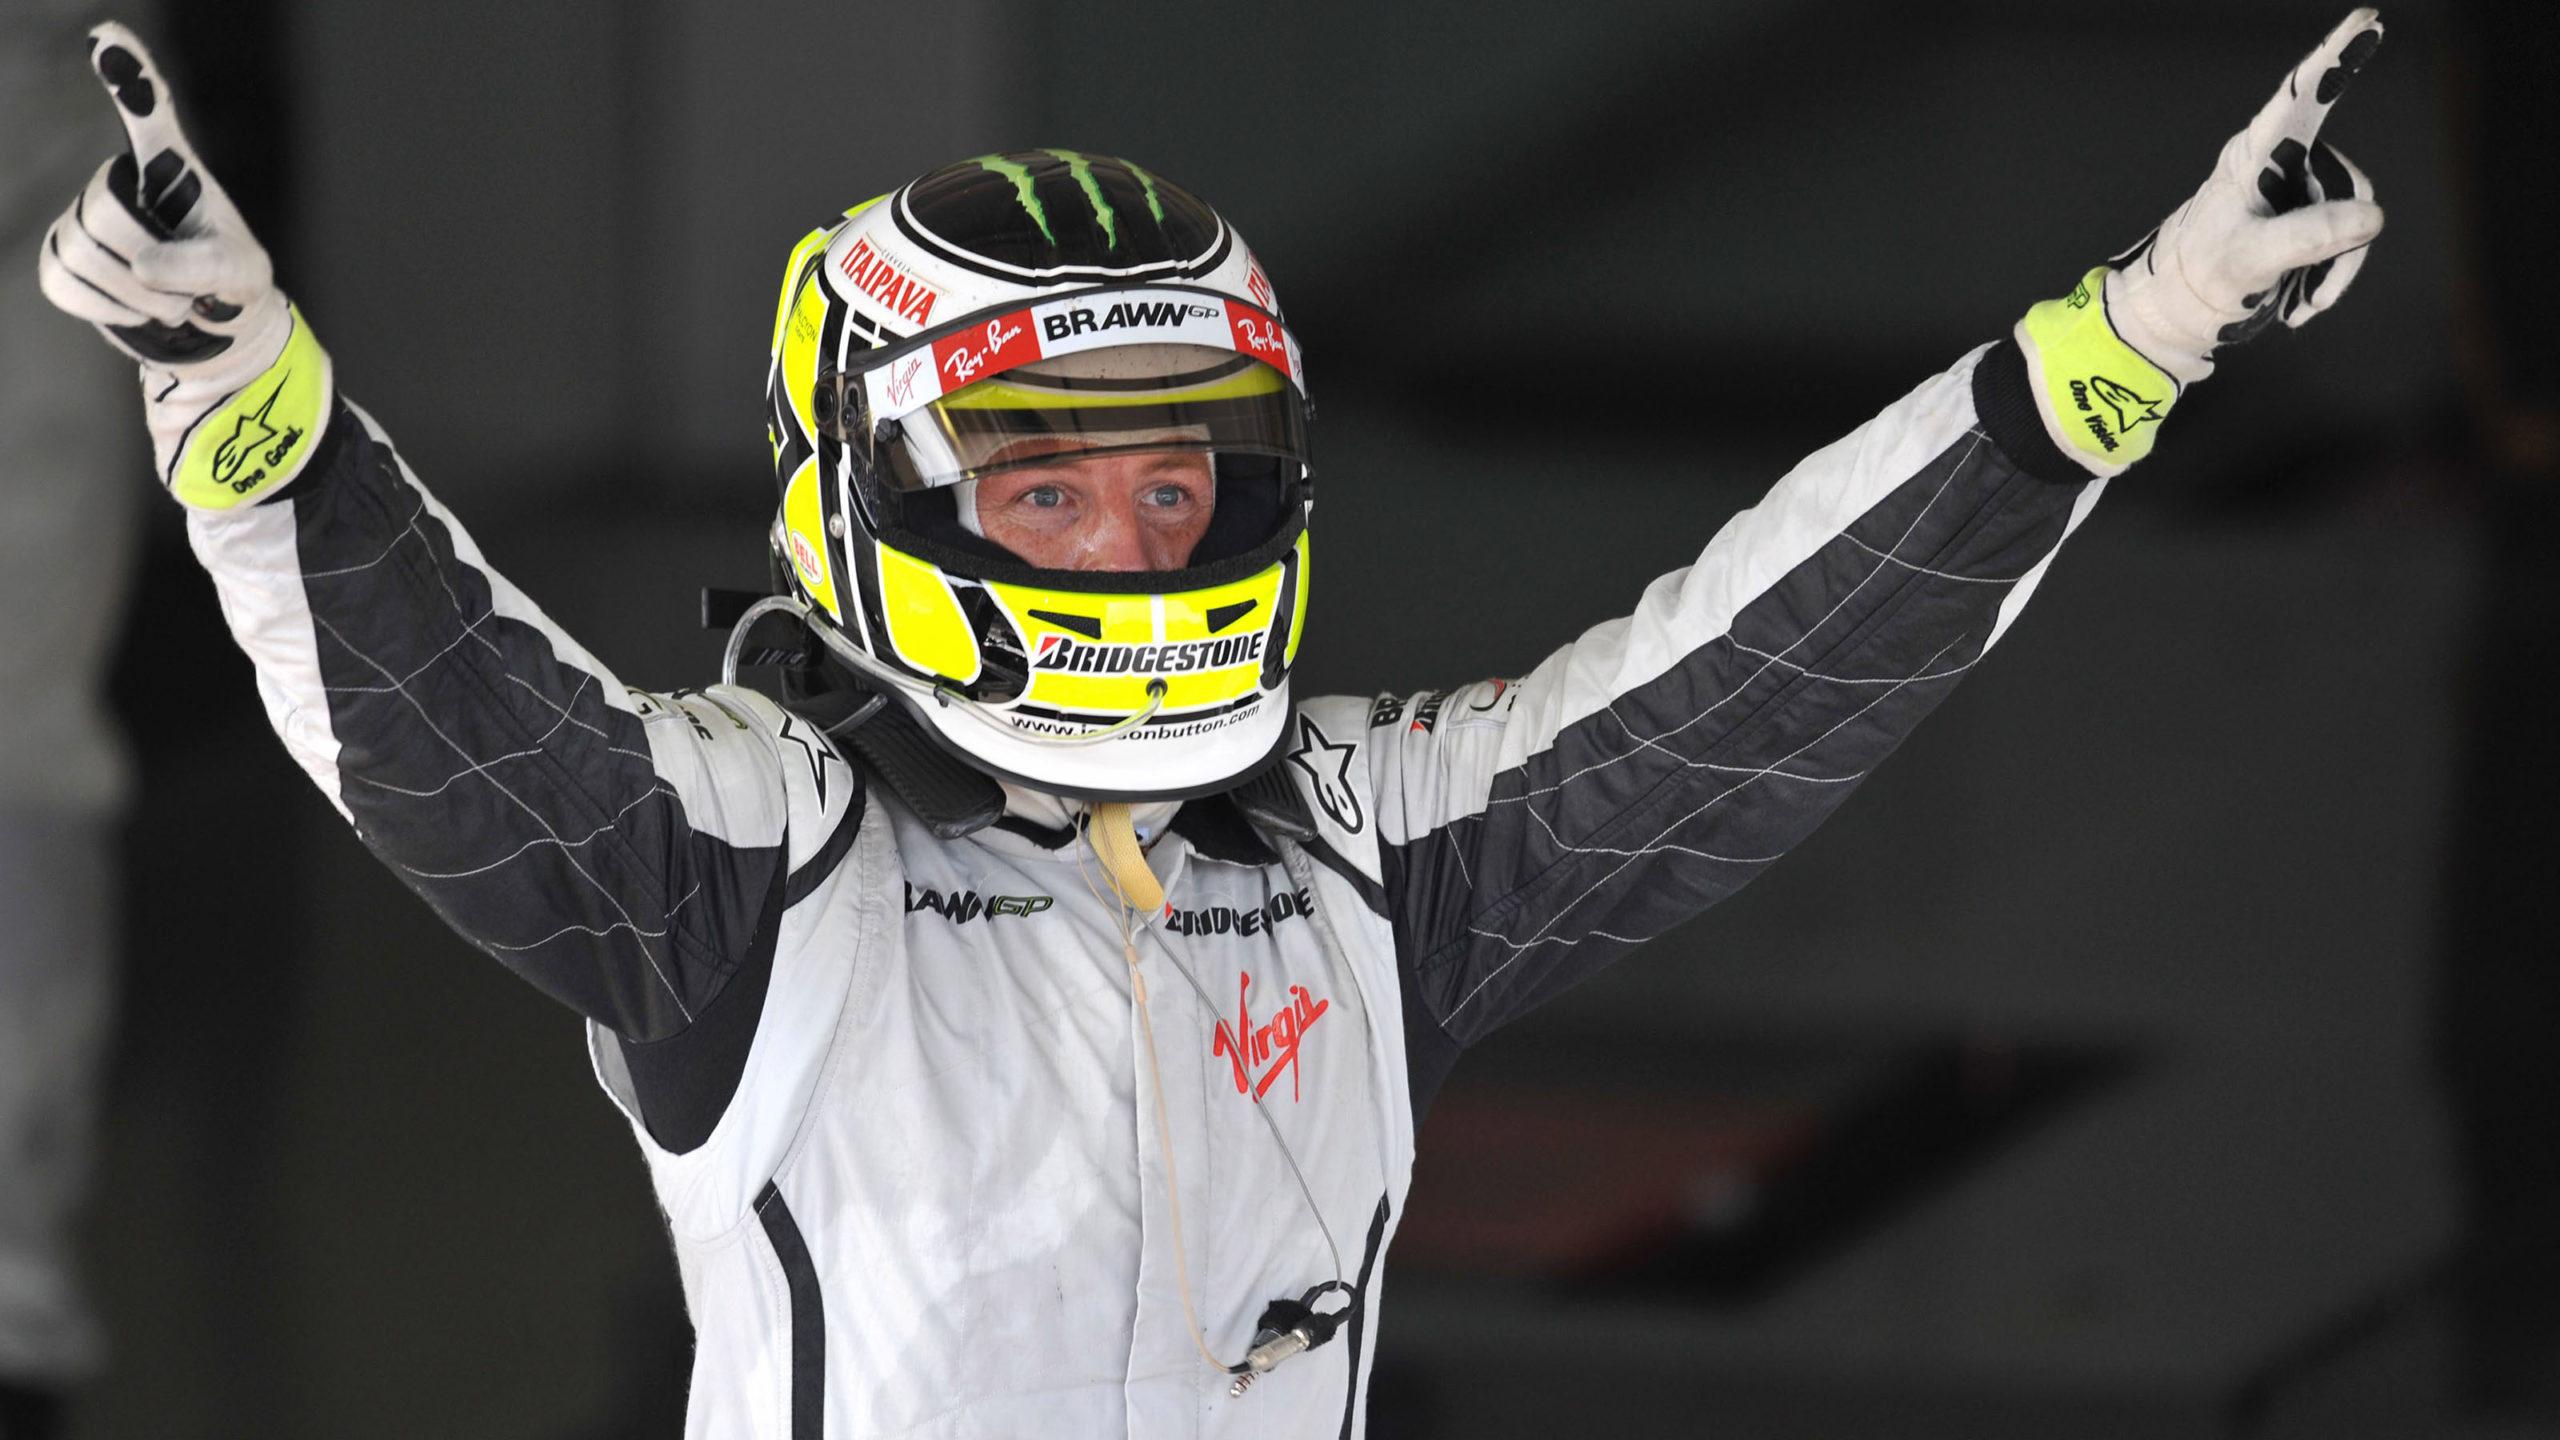 Jenson Button celebrates becoming F1 World champion at the 2009 Brazilian GP